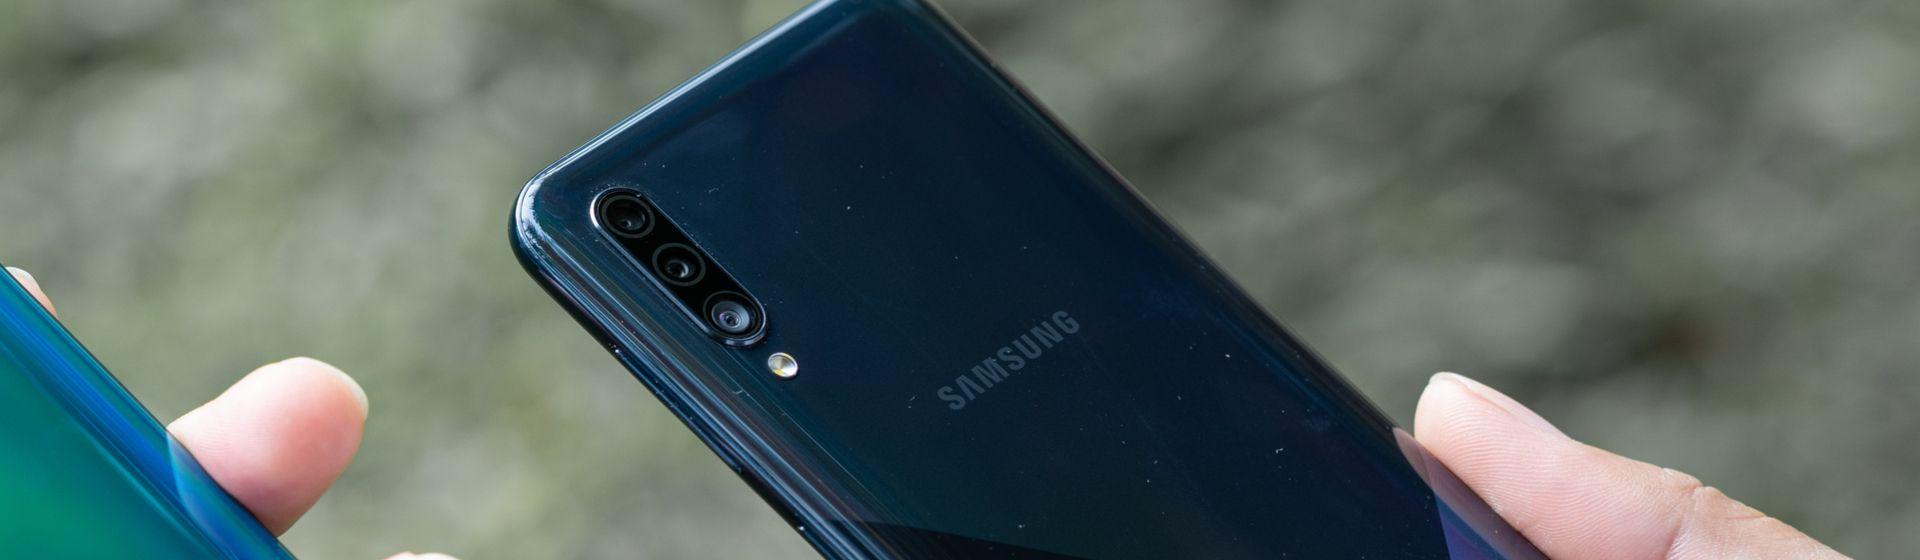 Galaxy A30s é bom? Analisamos preço e ficha técnica do celular Samsung